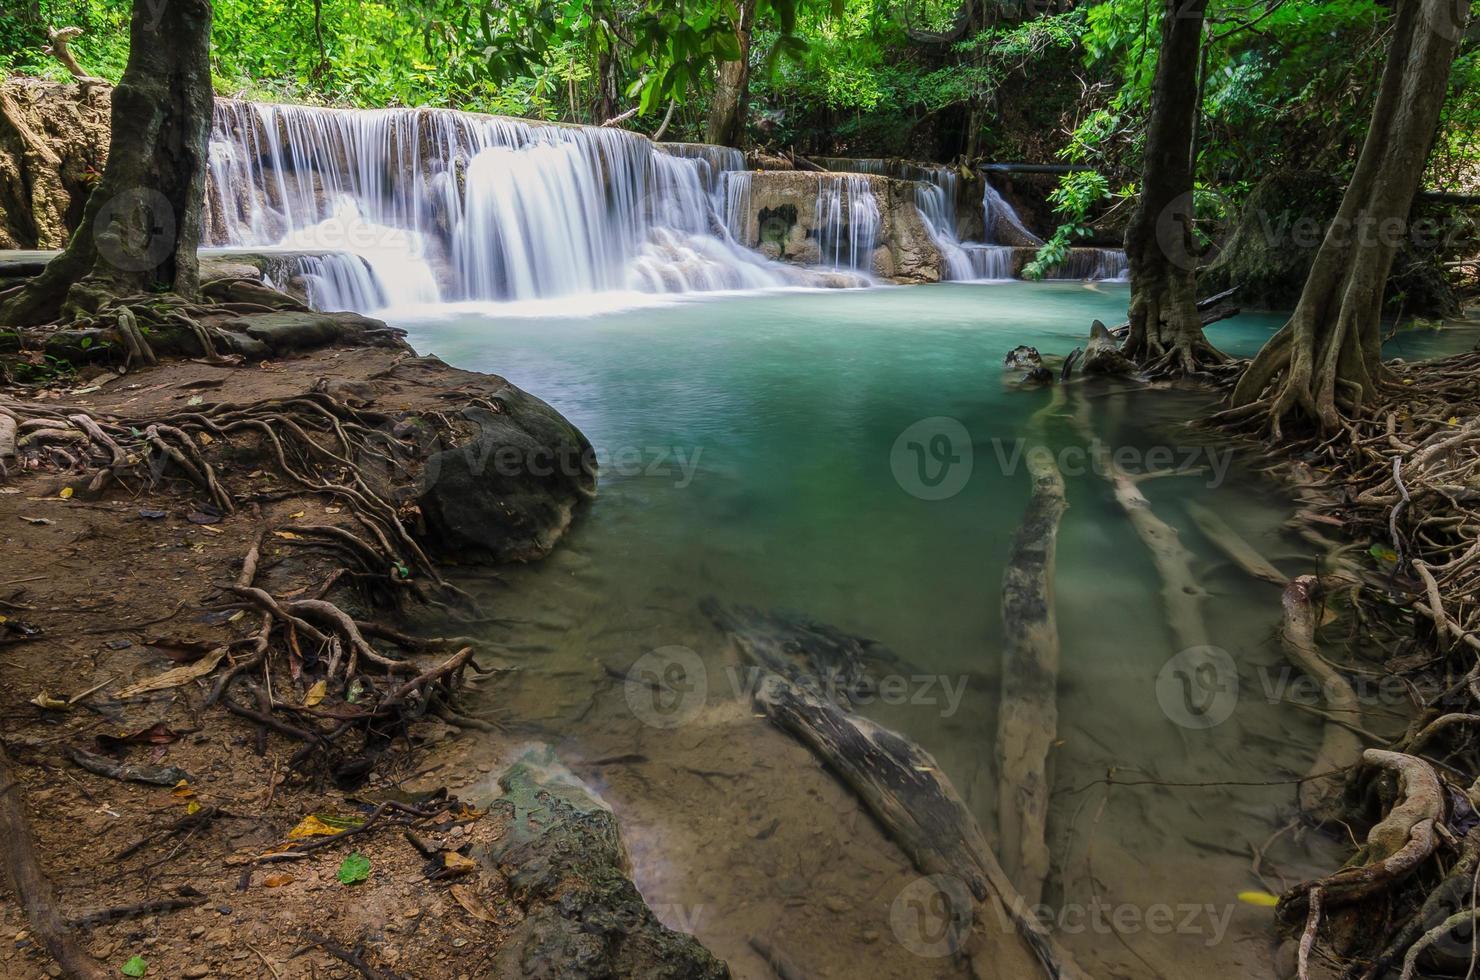 Wasserfall in Kanchanaburi, Thailand.psd foto